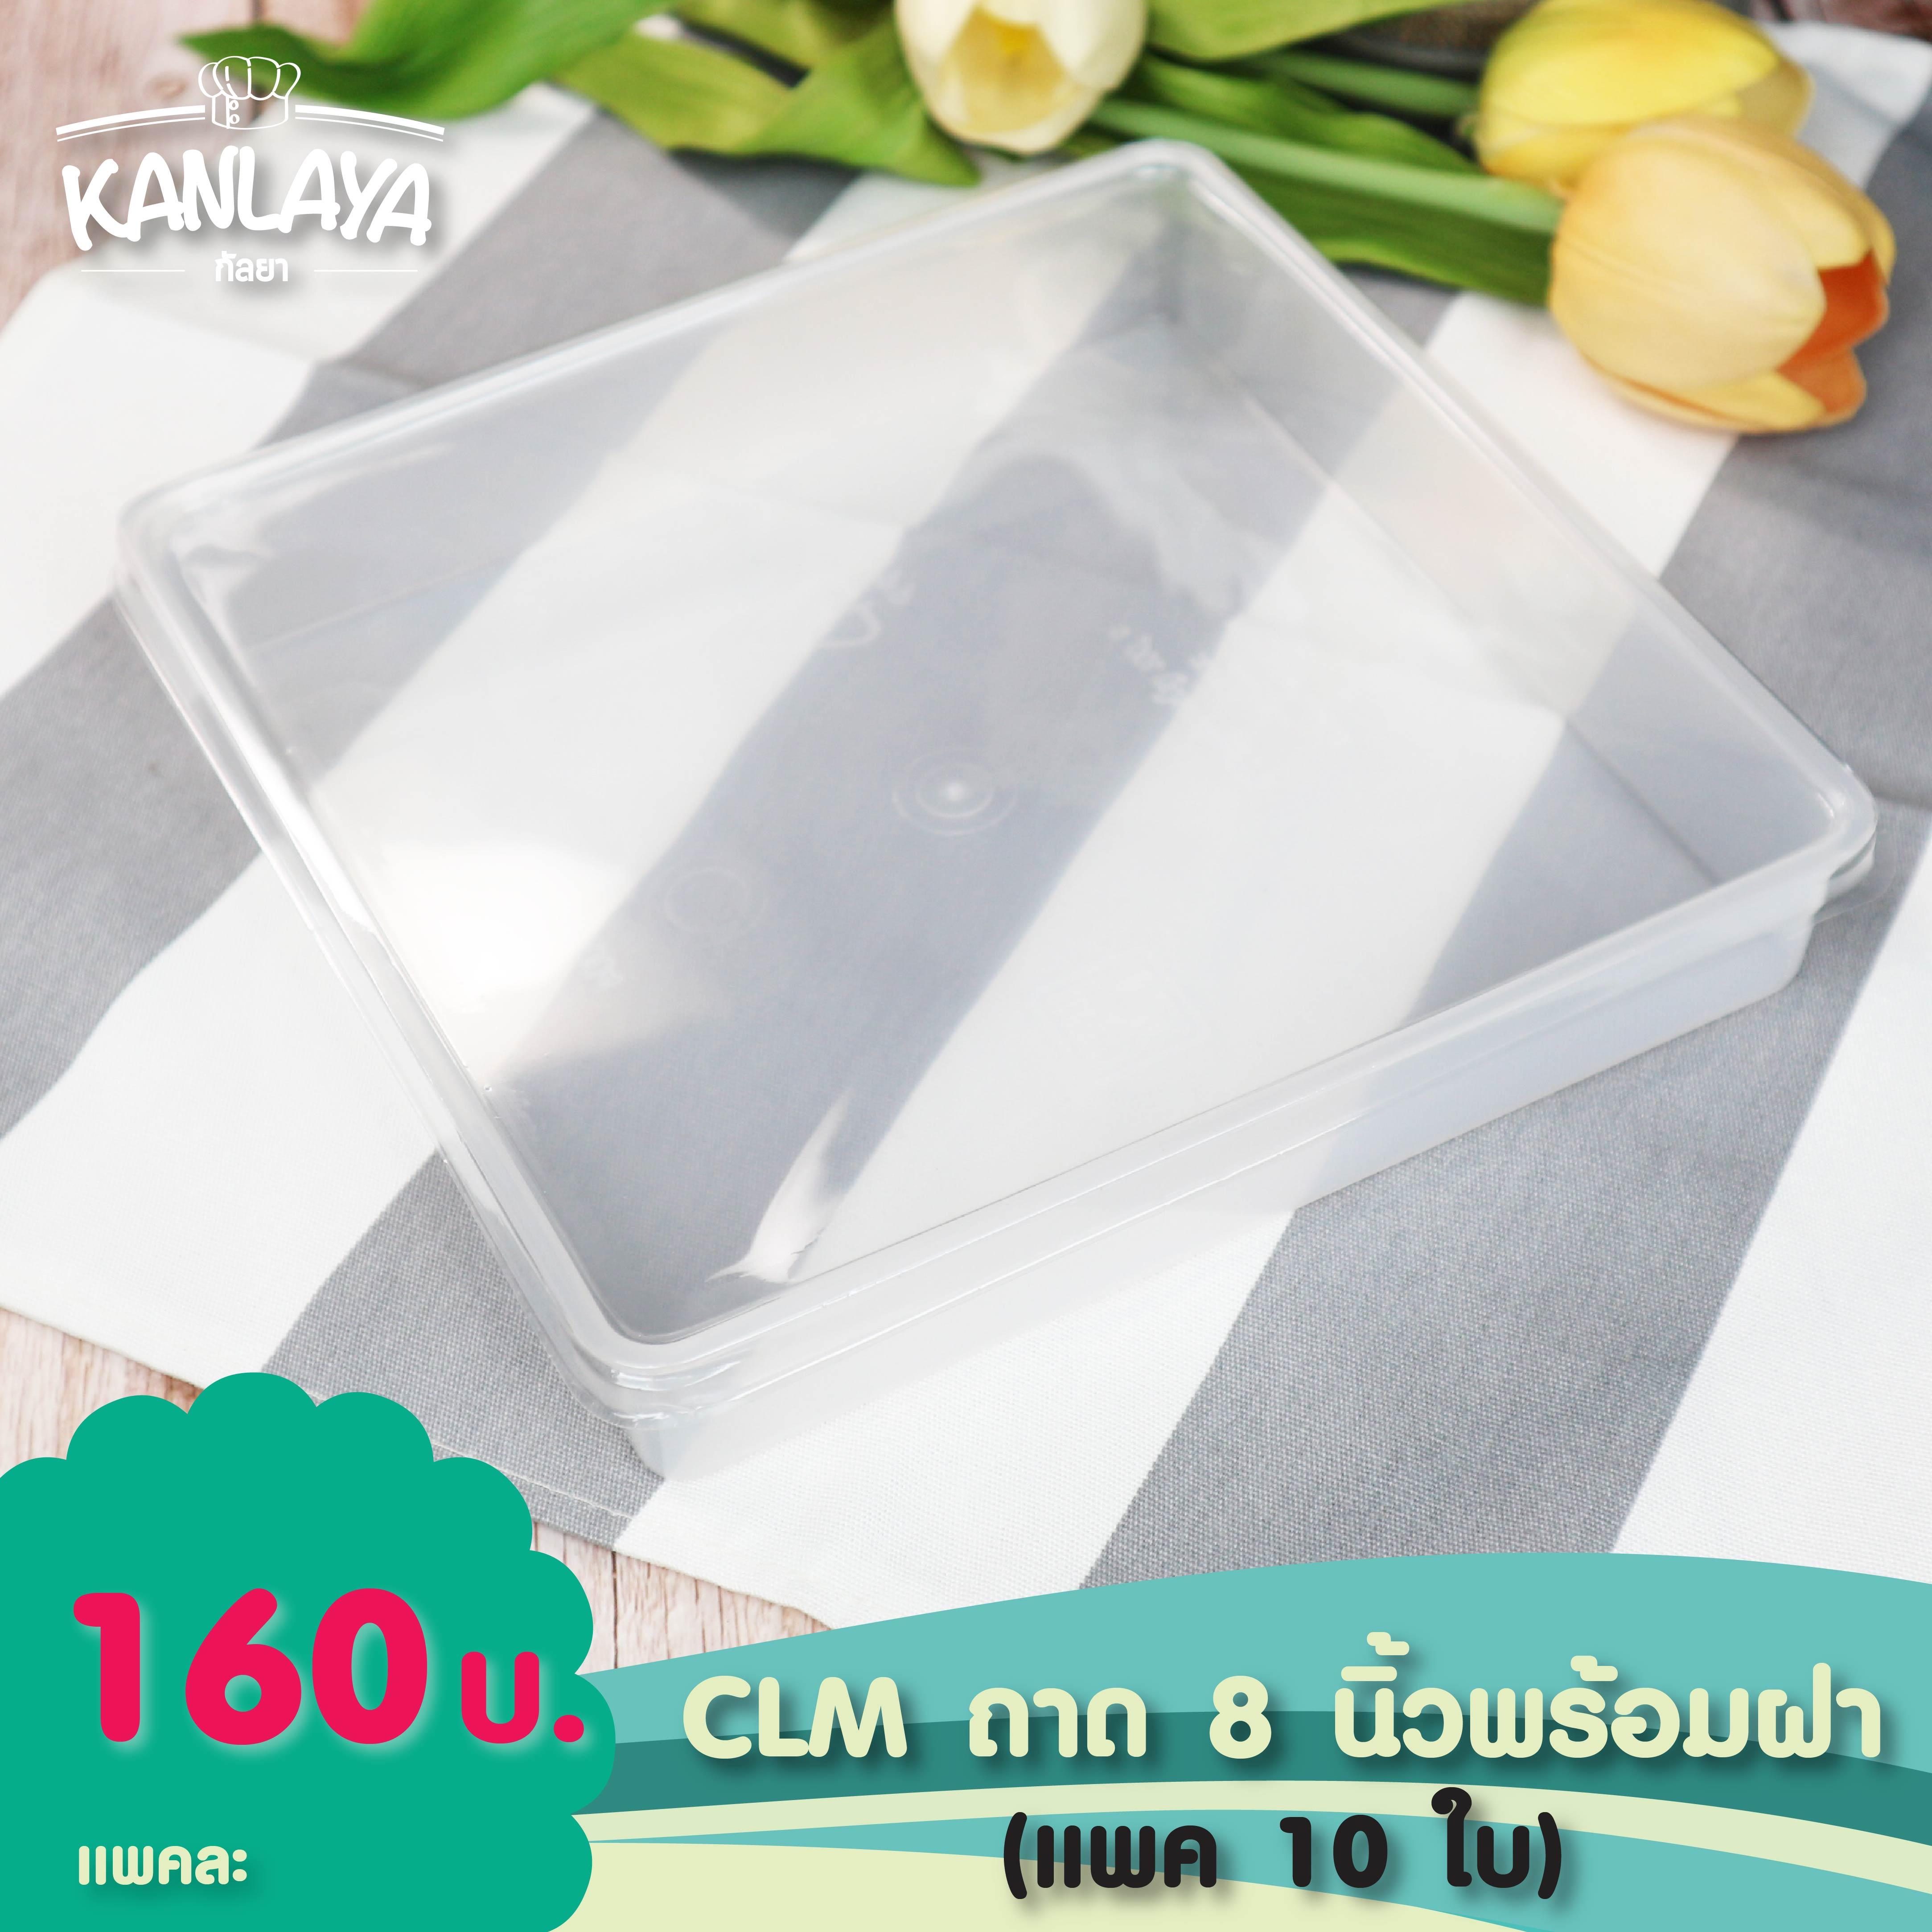 CLM ถาด 8 นิ้ว + ฝา